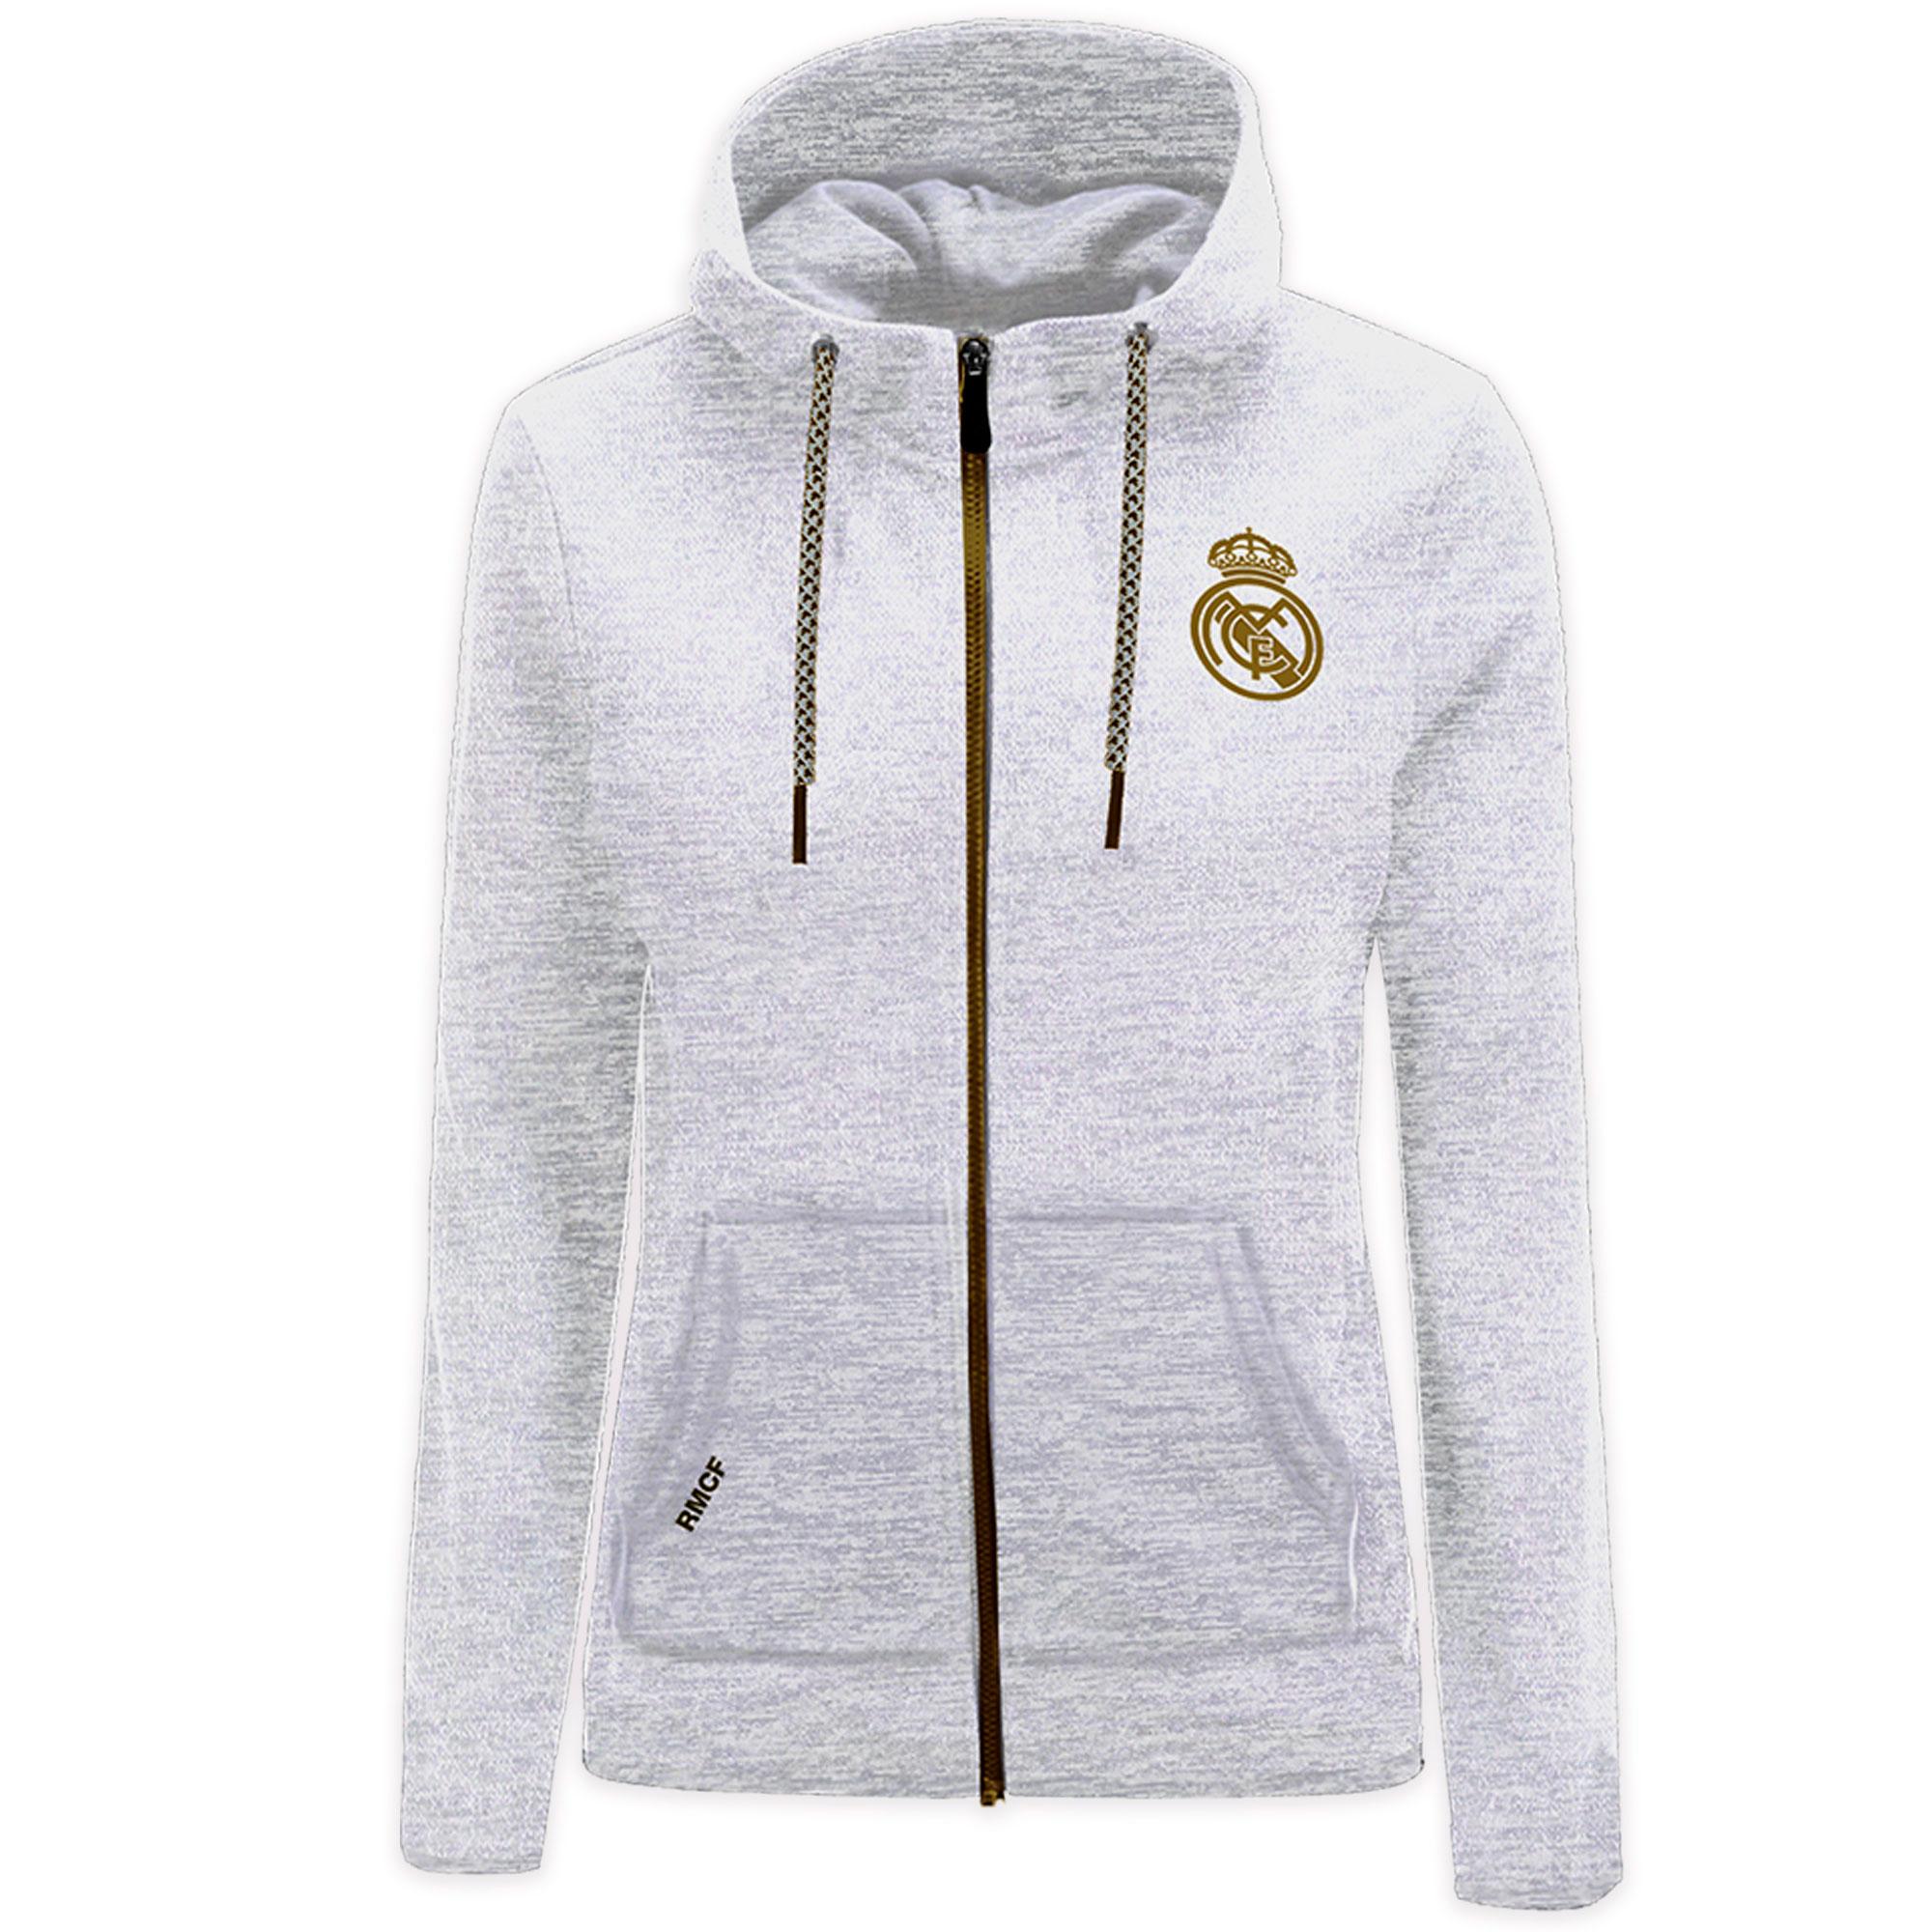 Prendas Deportivas Rogers SL / Sudadera con capucha y cremallera del Real Madrid blanca para mujer